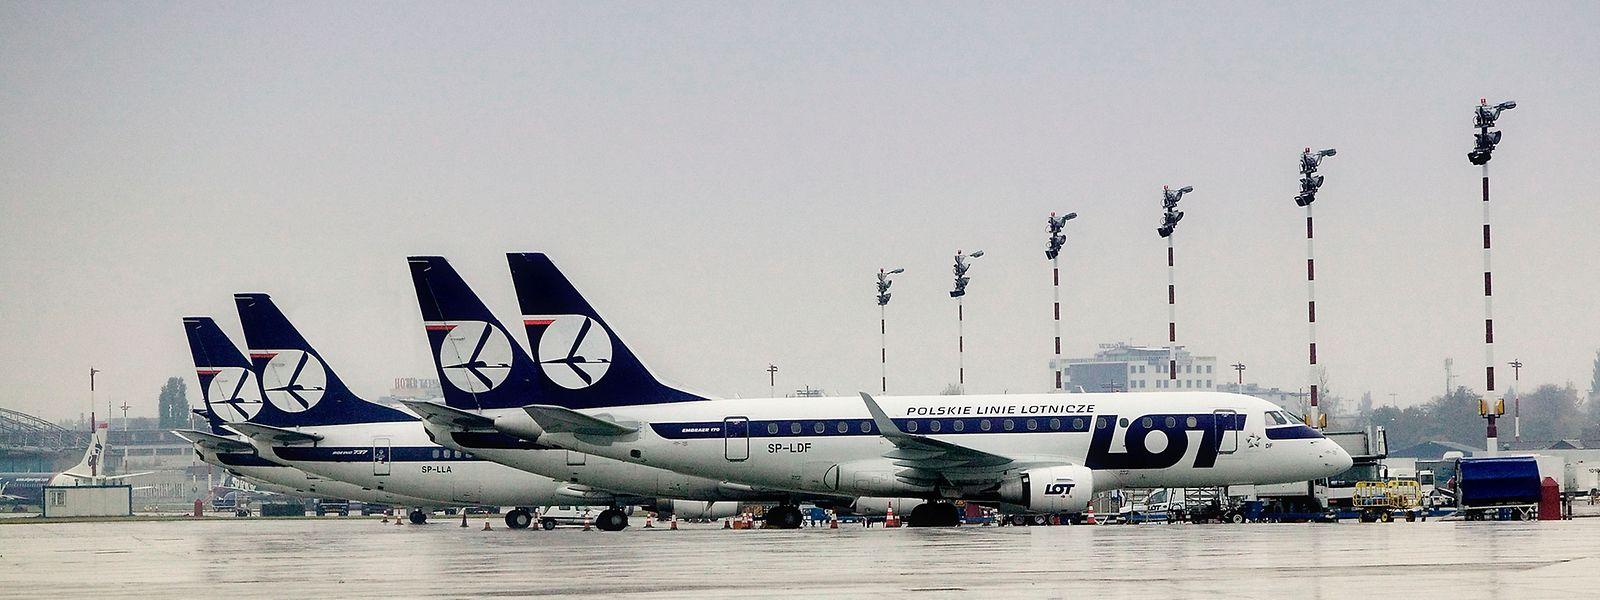 Die Airline setzt Maschinen des Typs Embraer ein.